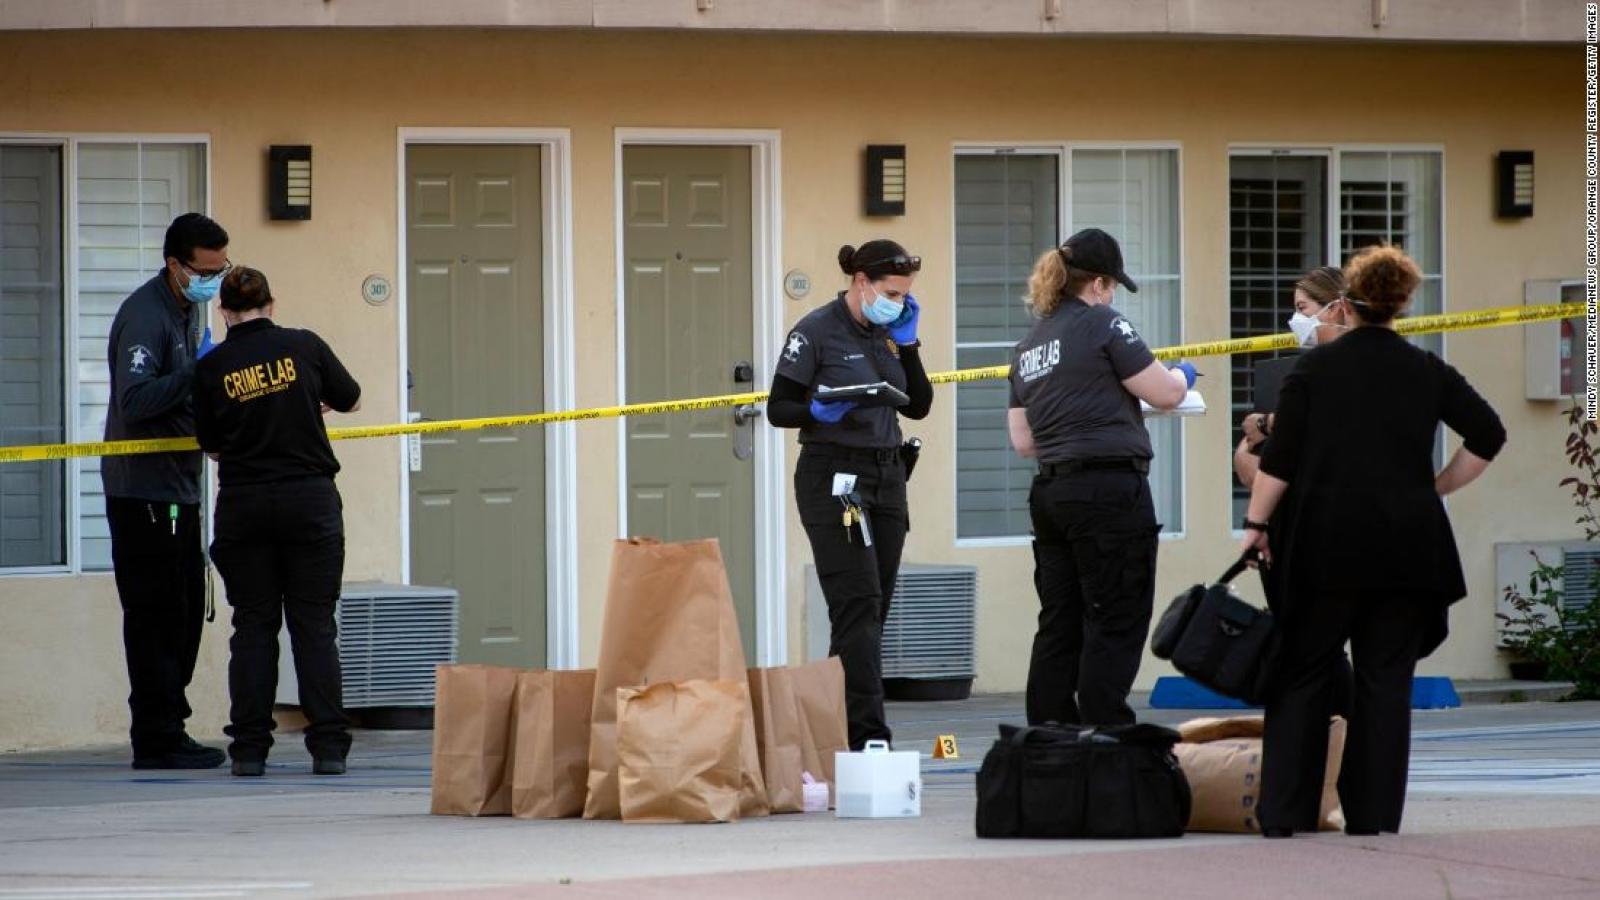 Một người vô gia cư gốc Phi ở Mỹ bị cảnh sát bắn chết